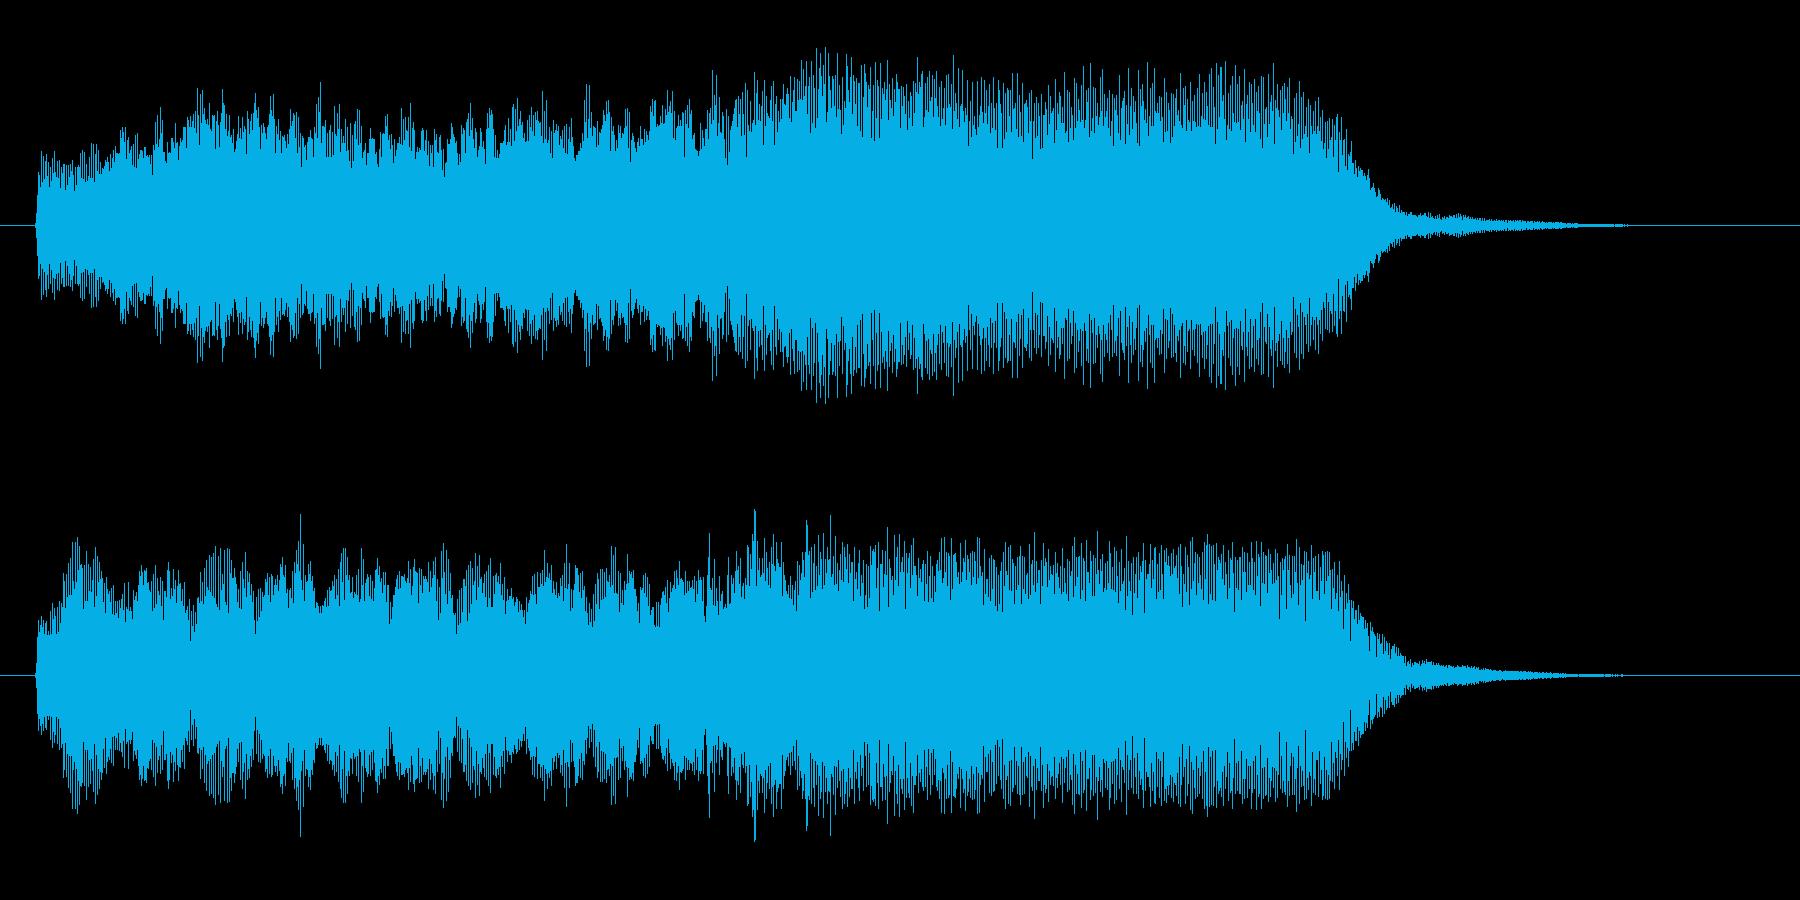 緩やかで幻想的なヒーリングジングルの再生済みの波形